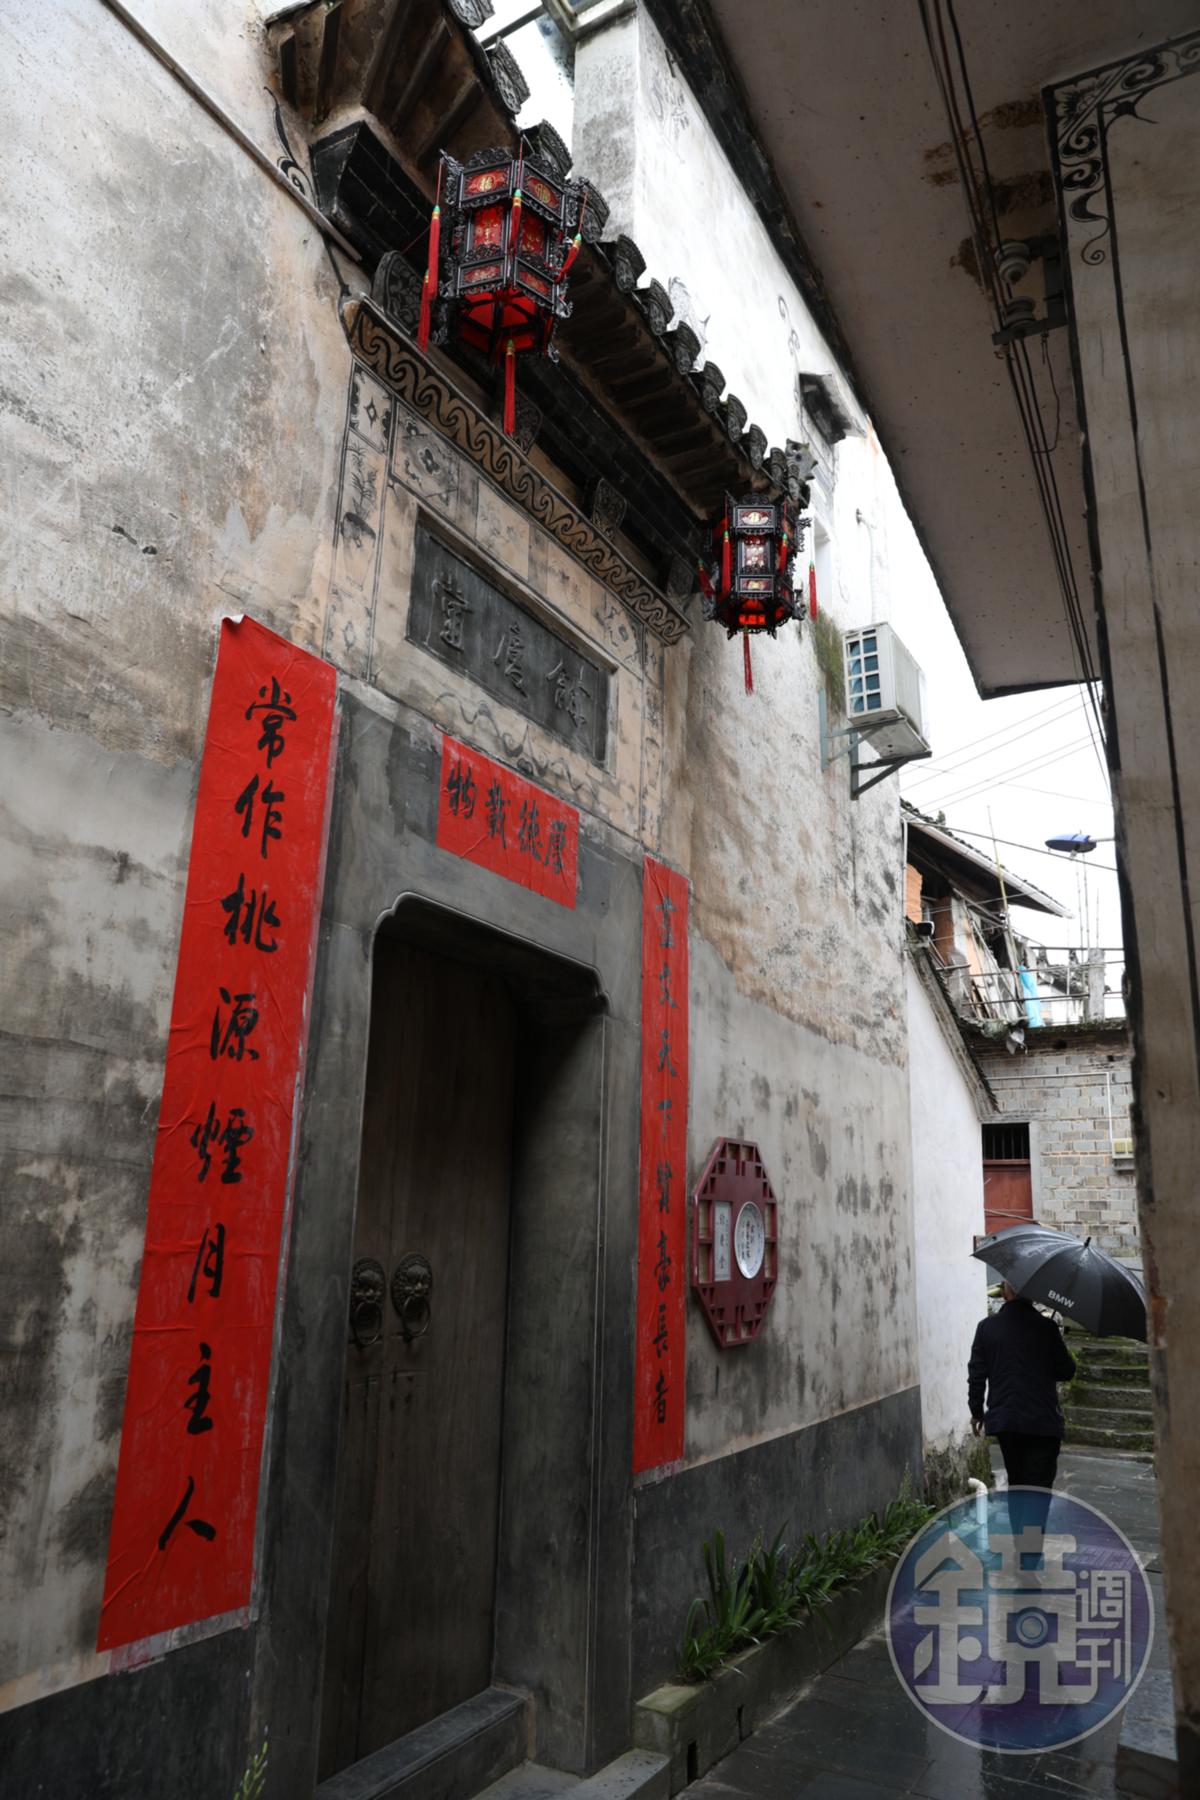 「餘慶堂」是查平坦規模最大的老宅民宿。